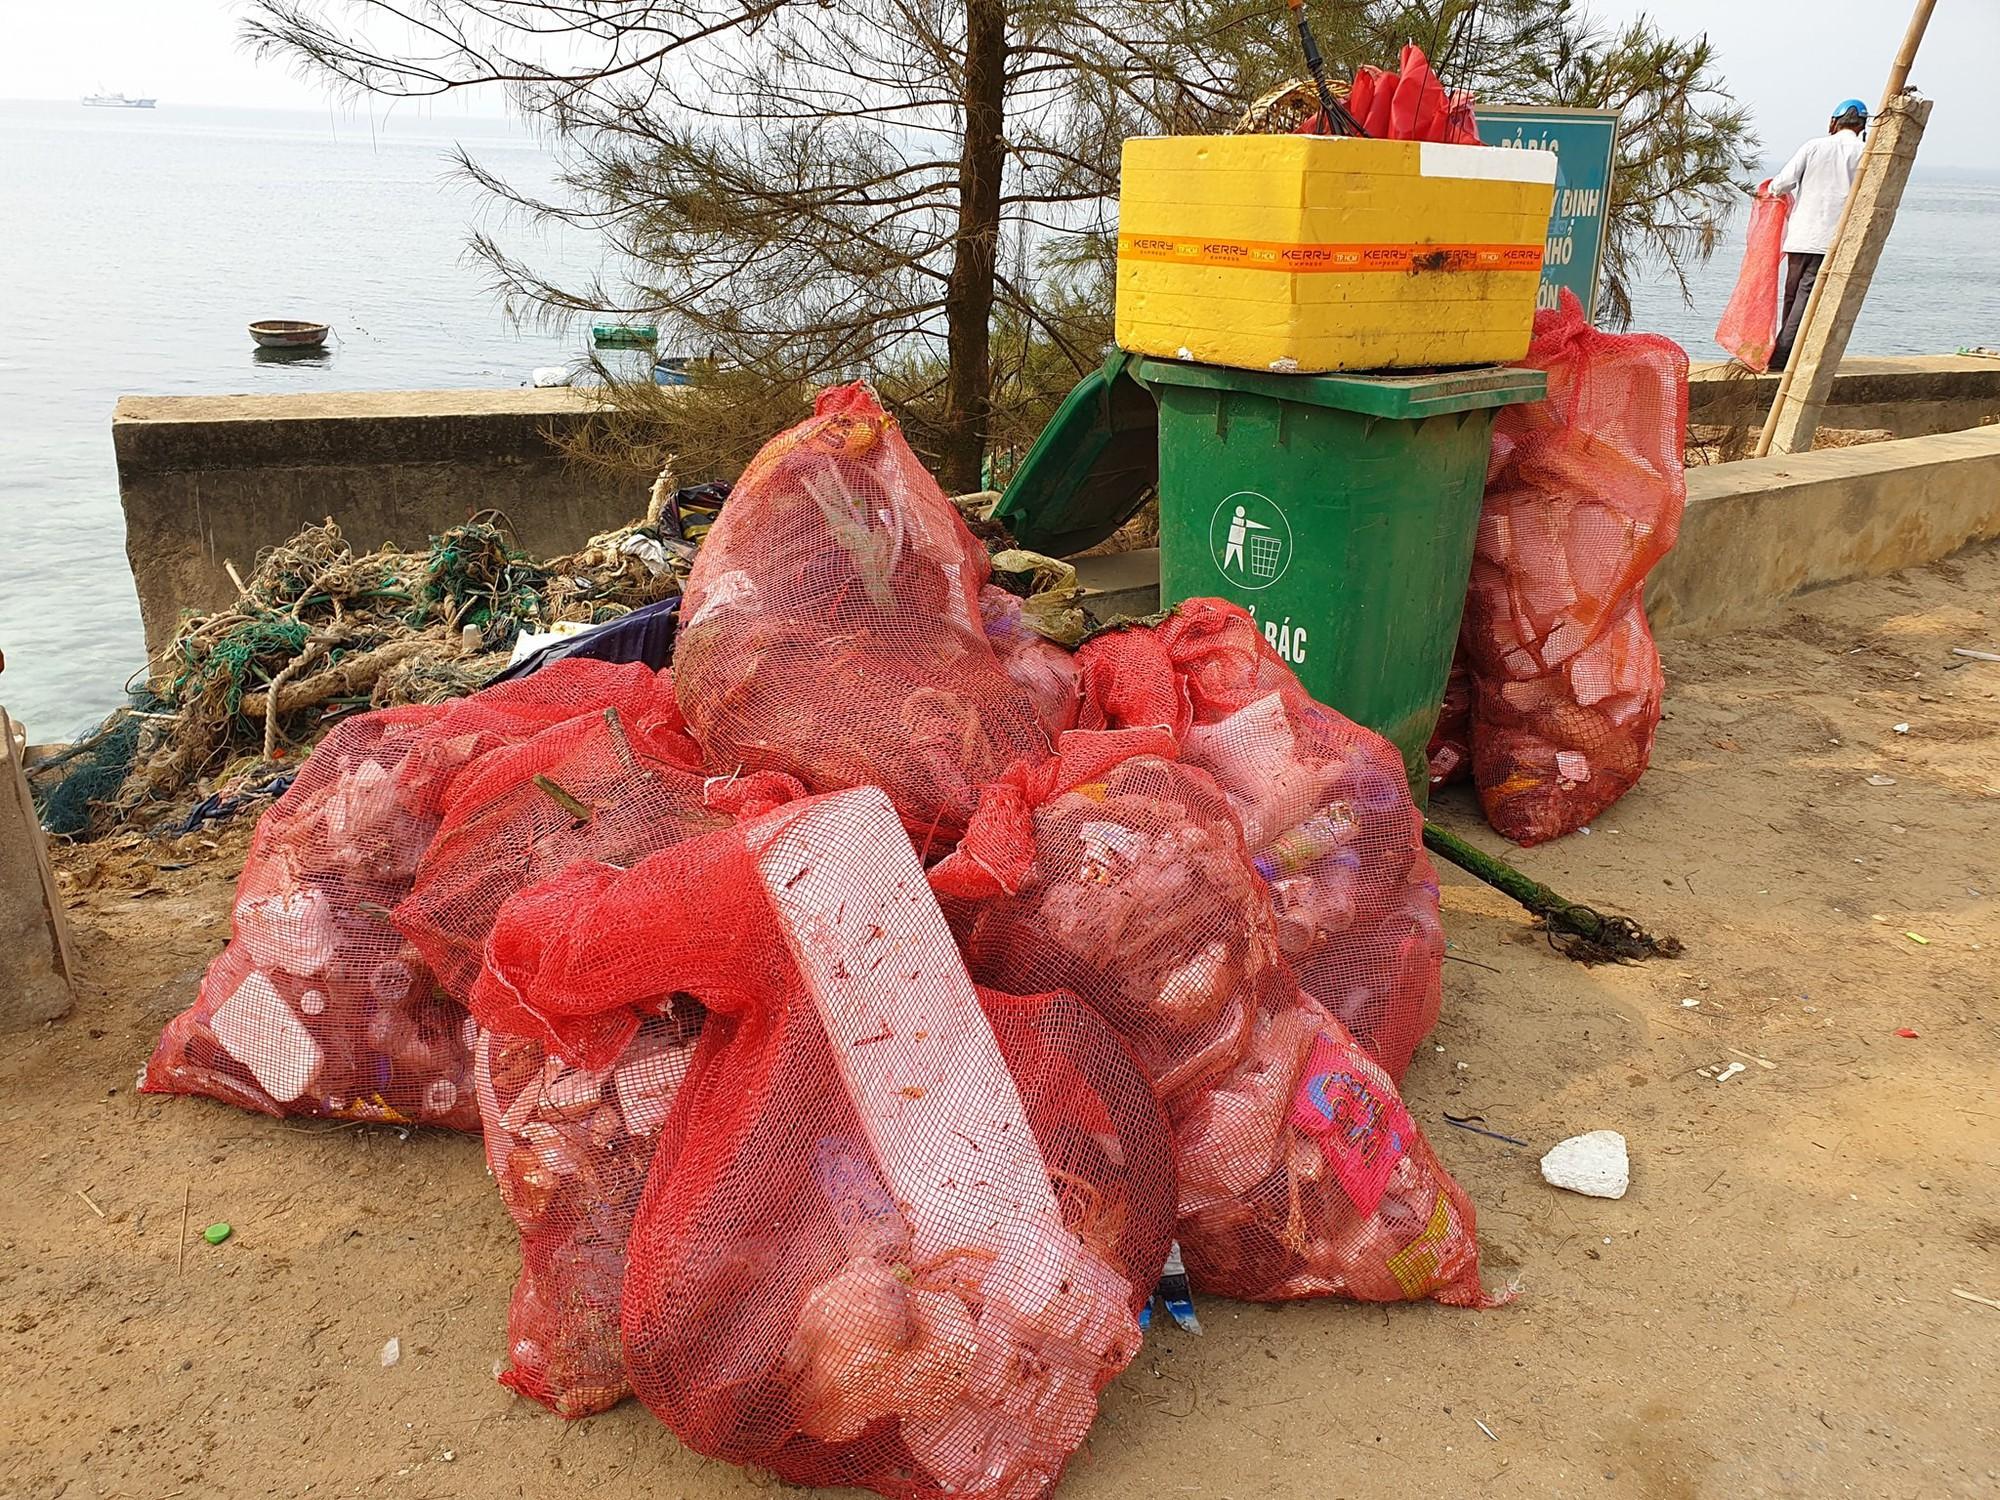 Tuấn Hưng cùng nhóm bạn đi dọn rác quanh bờ biển huyện đảo Lý Sơn: Có thể nhiều người sẽ nói chúng tôi có vấn đề nhưng cứ làm thôi - Ảnh 4.